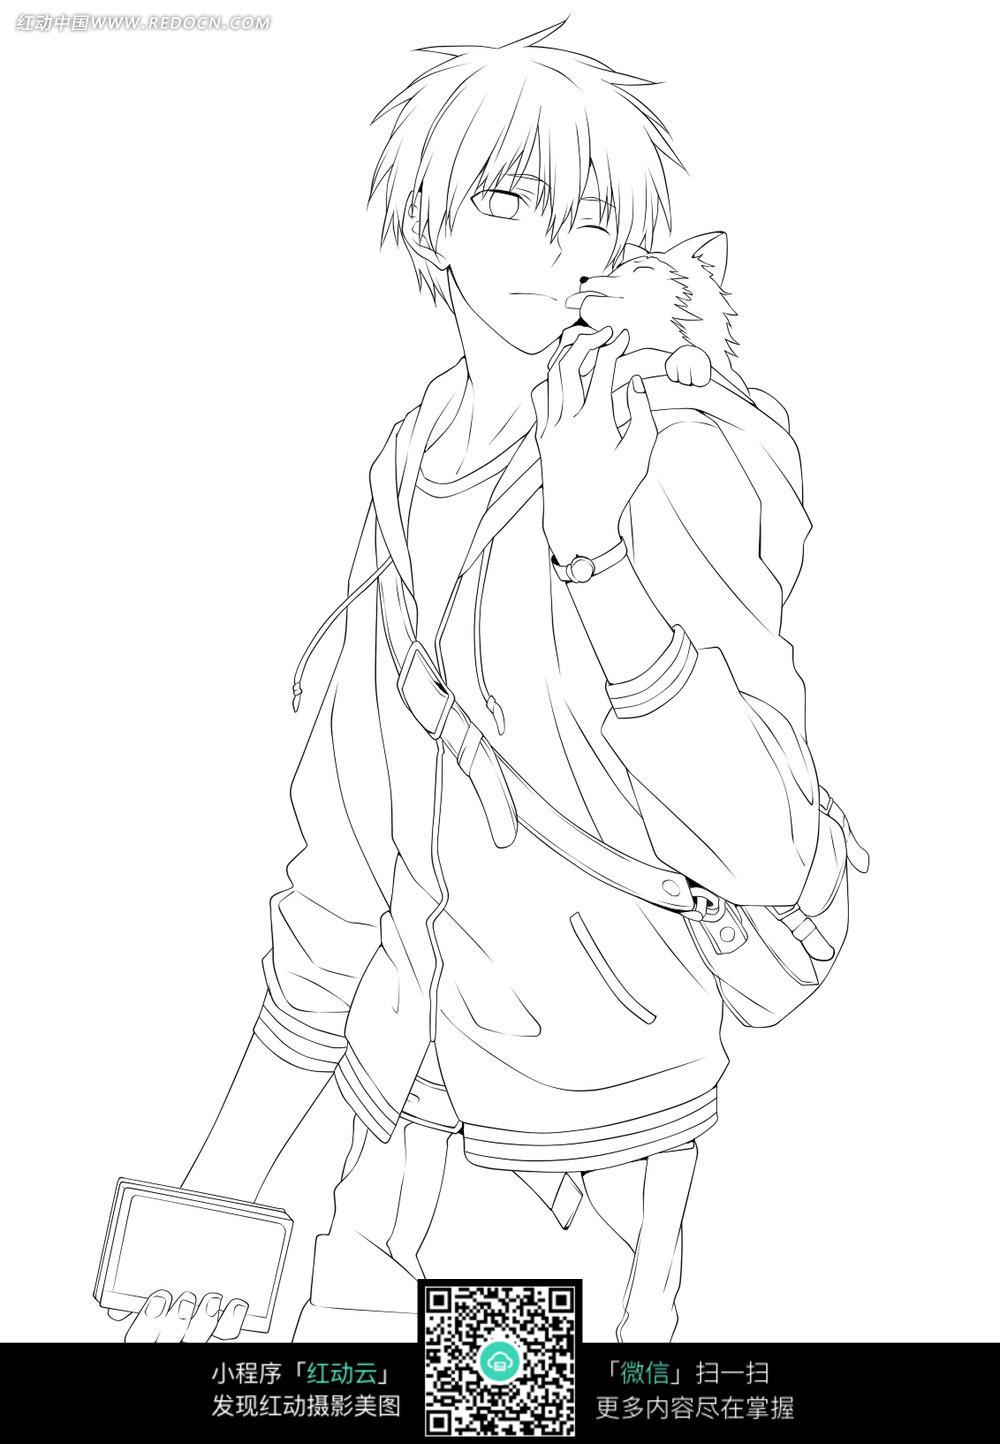 猫和男孩卡通手绘线稿